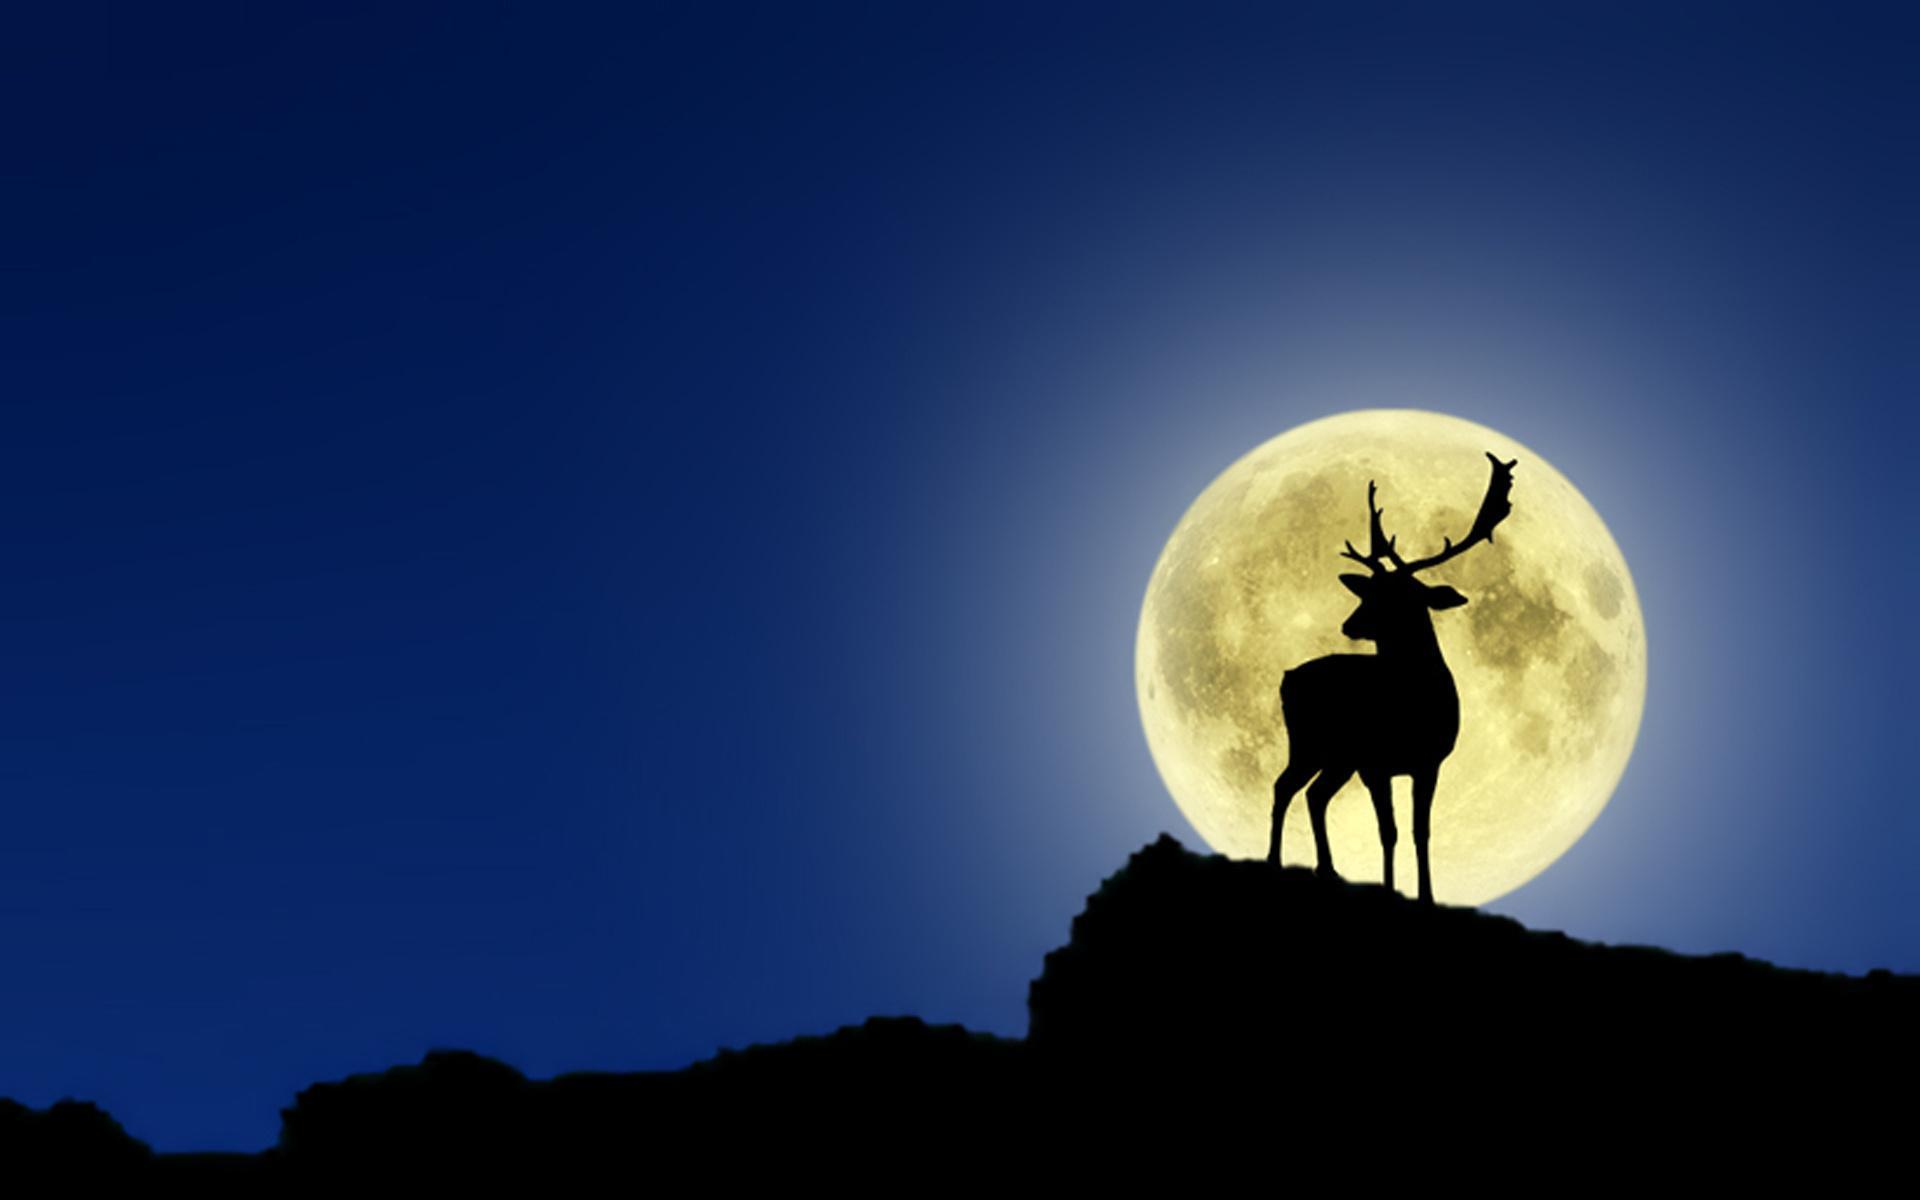 Животные животные олень луна 1920x1200